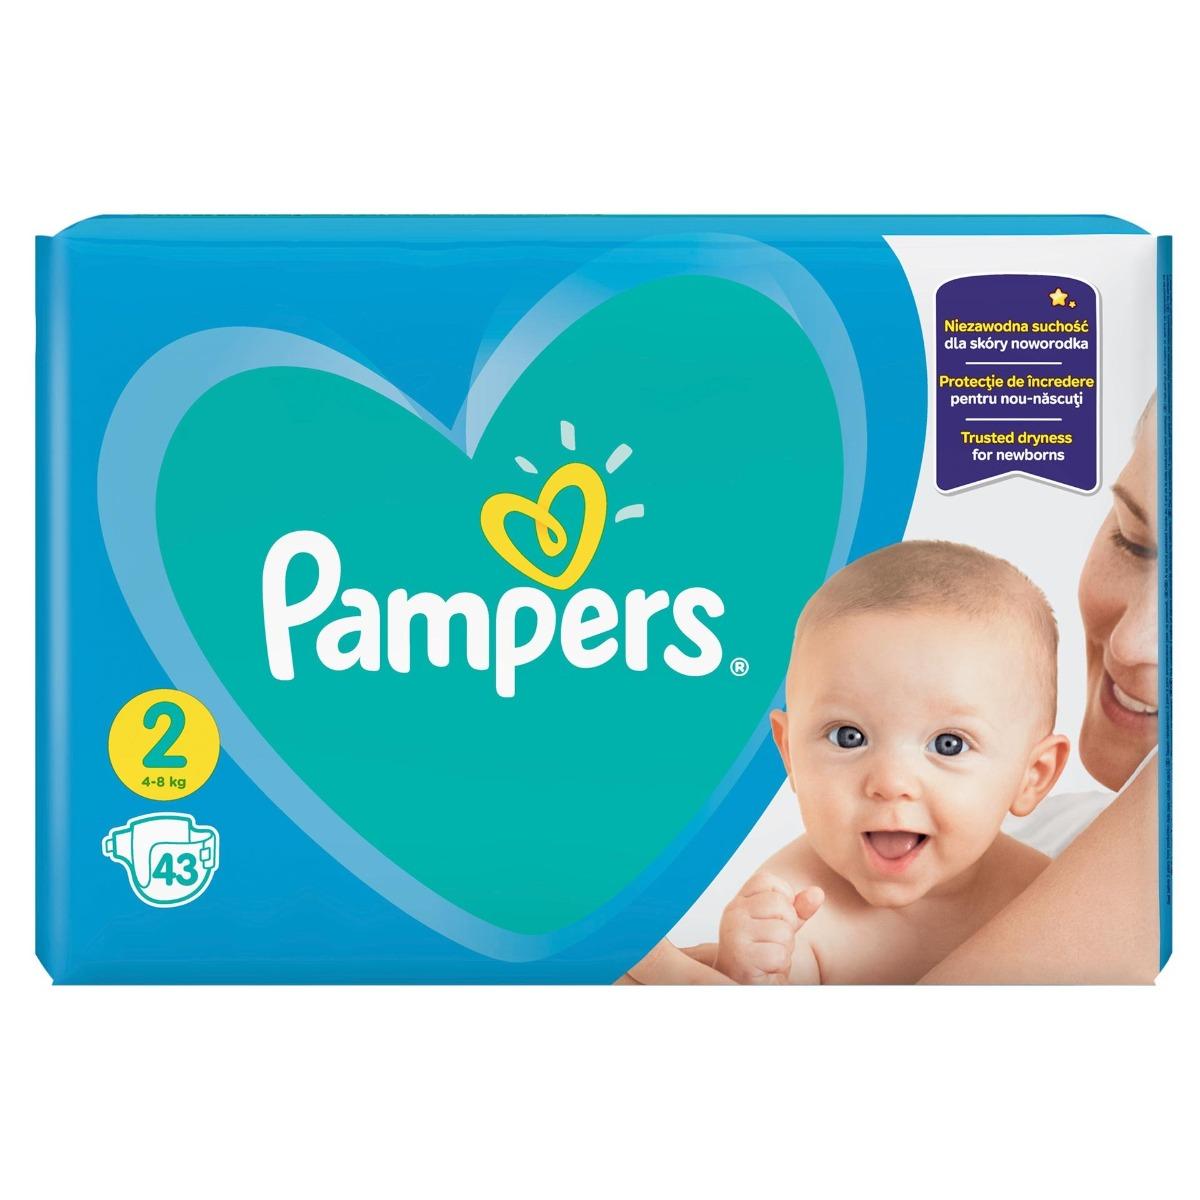 Scutece New Baby marimea 2 pentru 4-8 kg, 43 bucati, Pampers